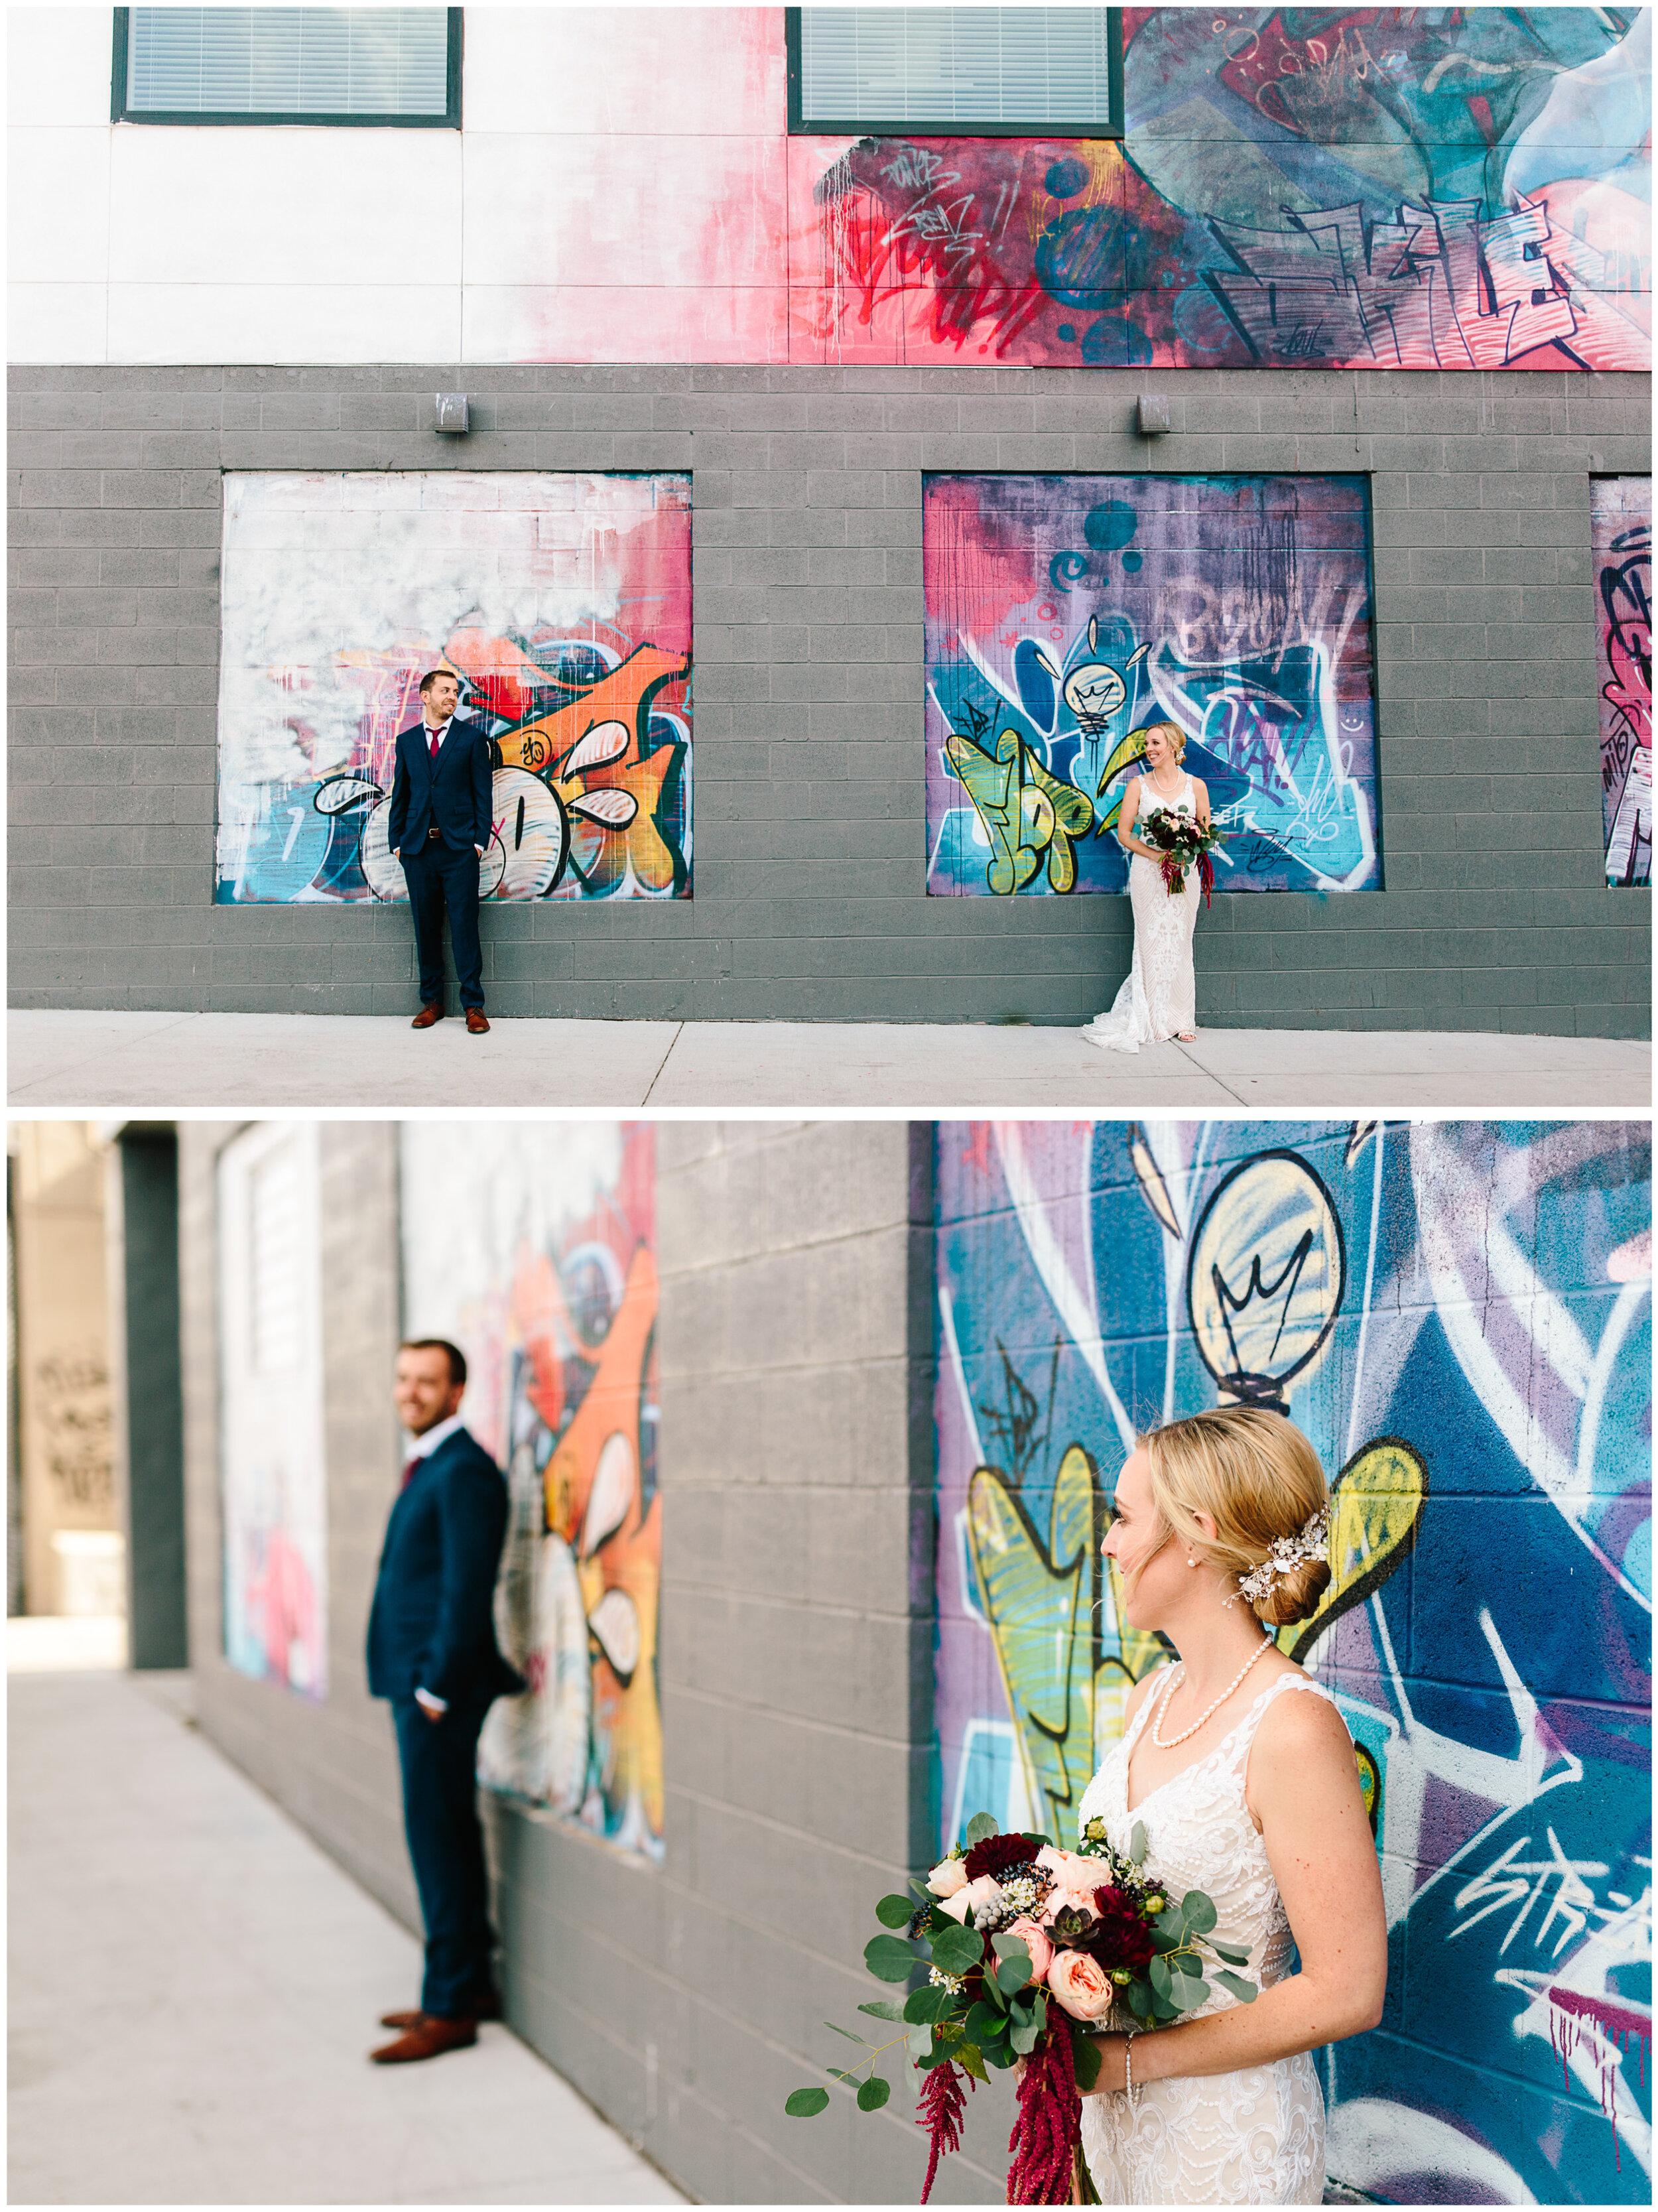 Blanc_Denver_Wedding_30.jpg